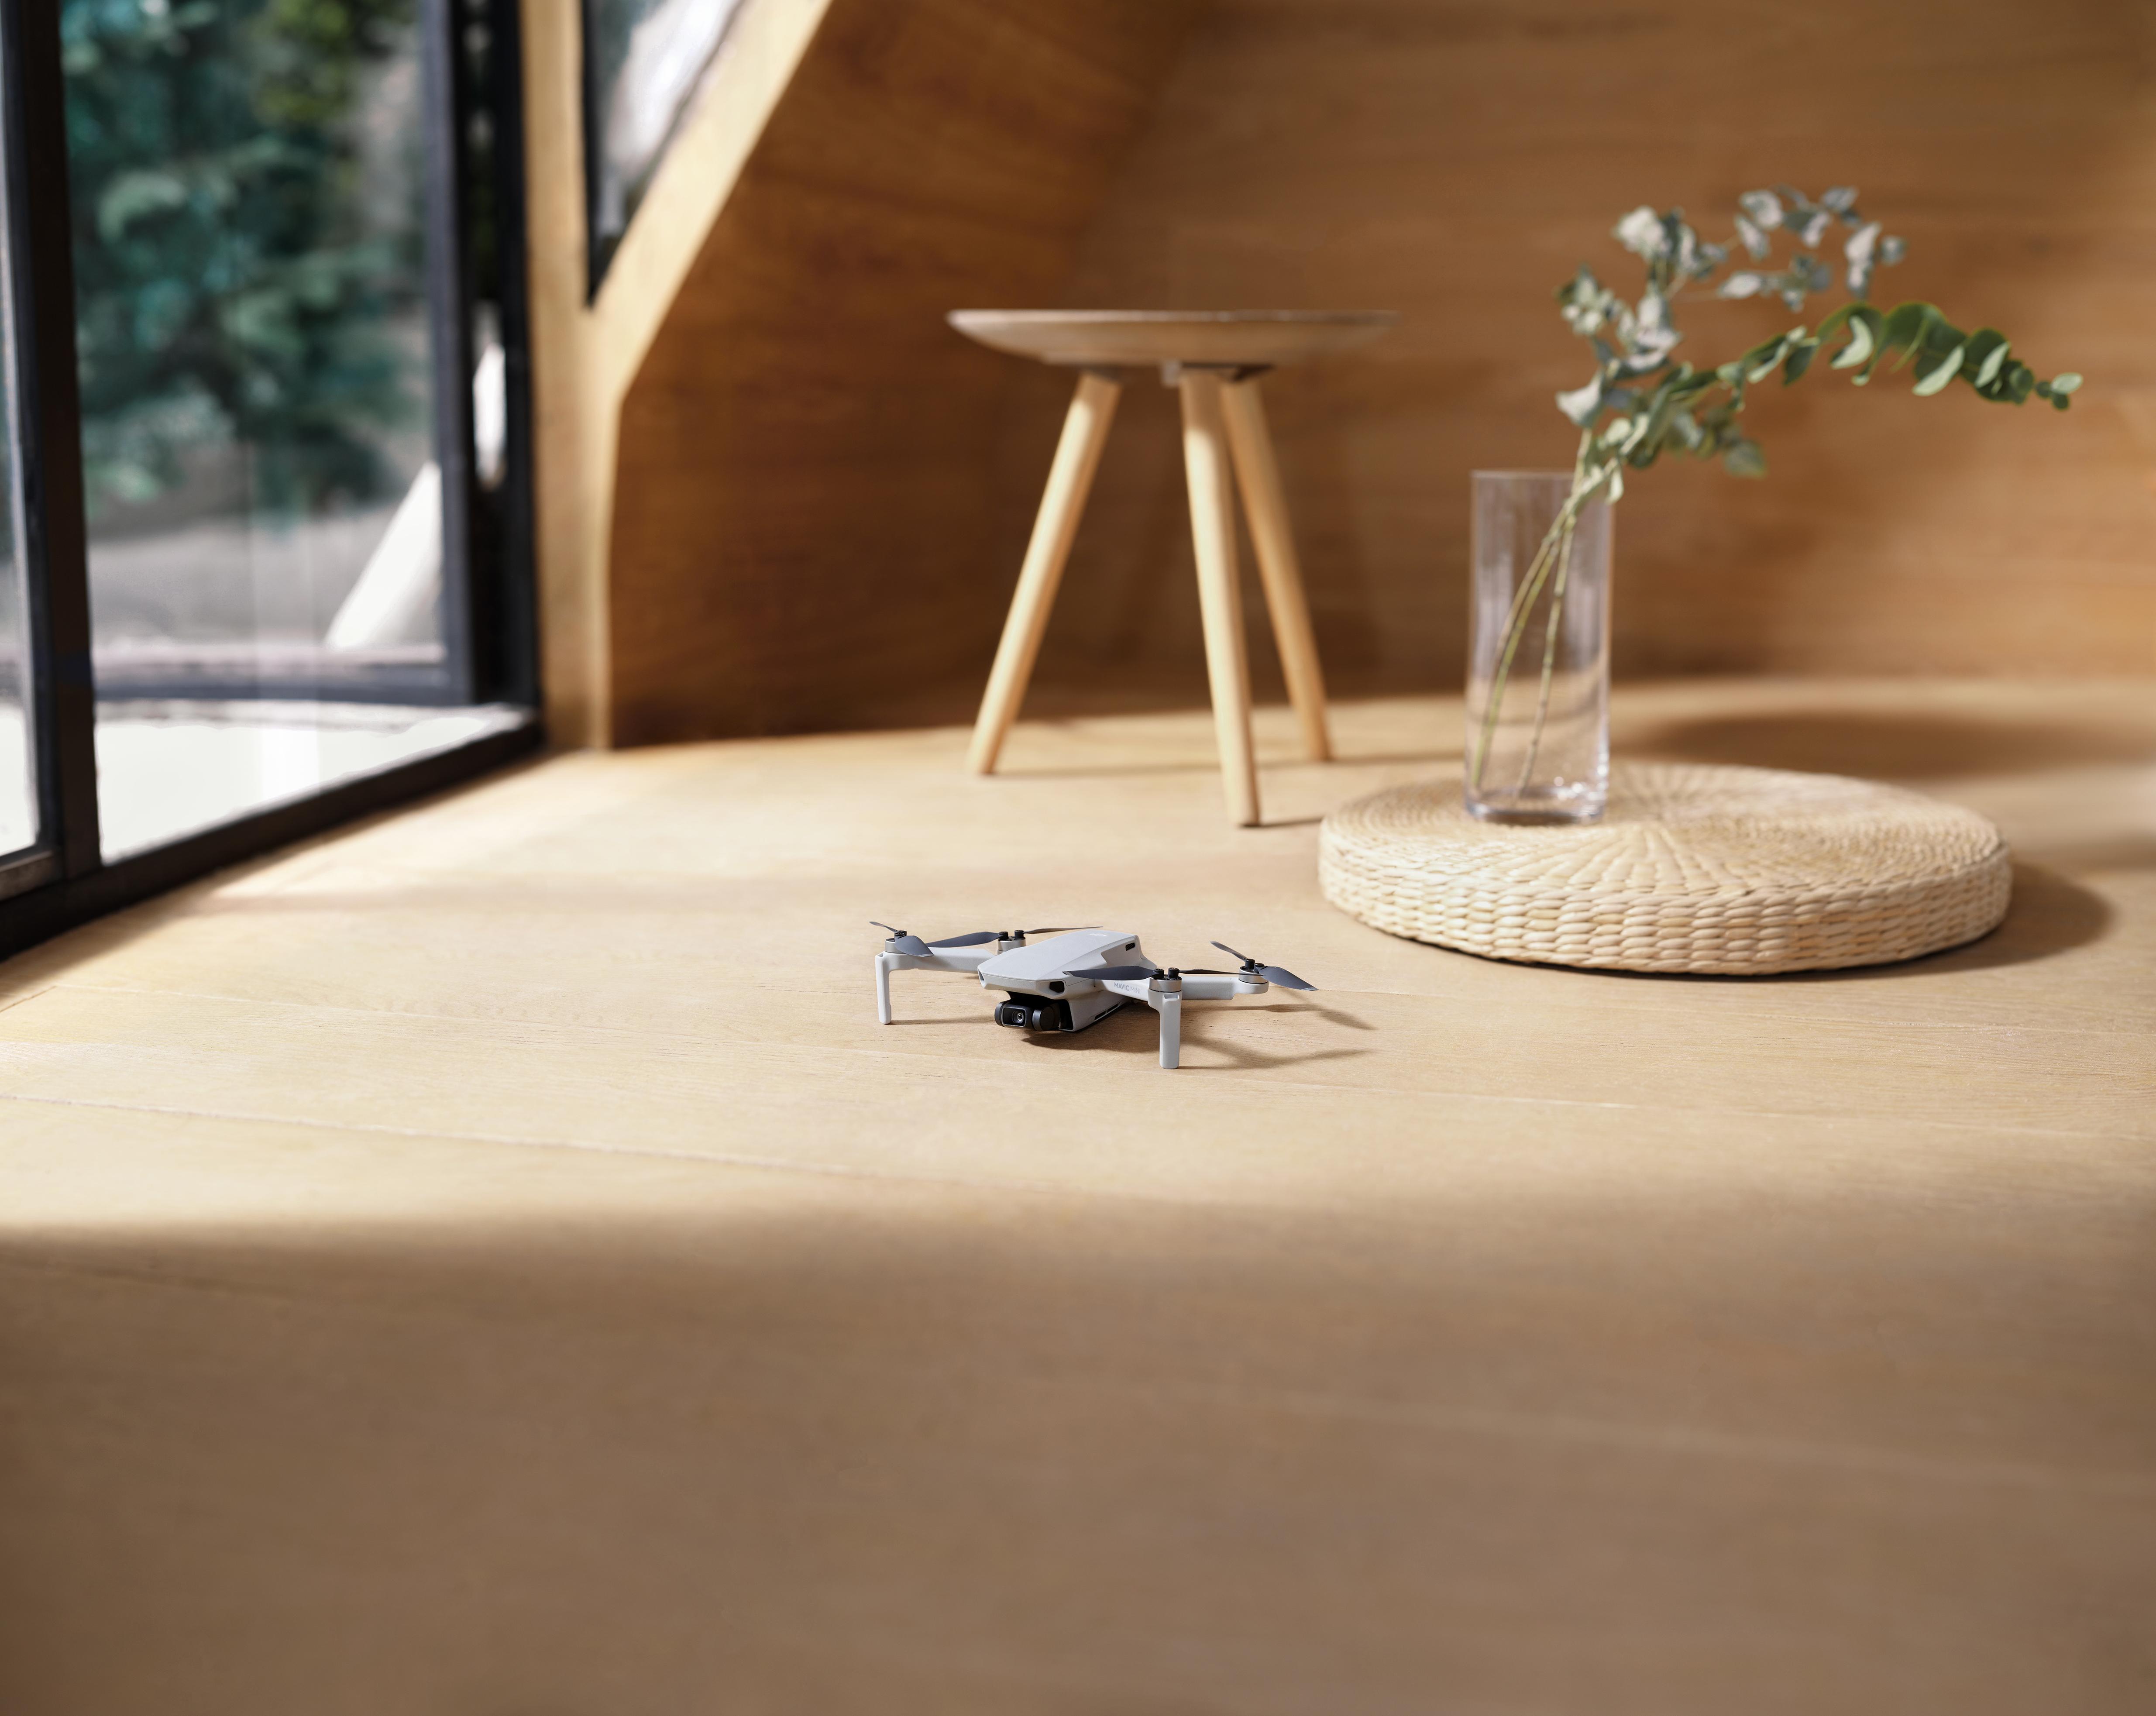 Mavic Mini indoors